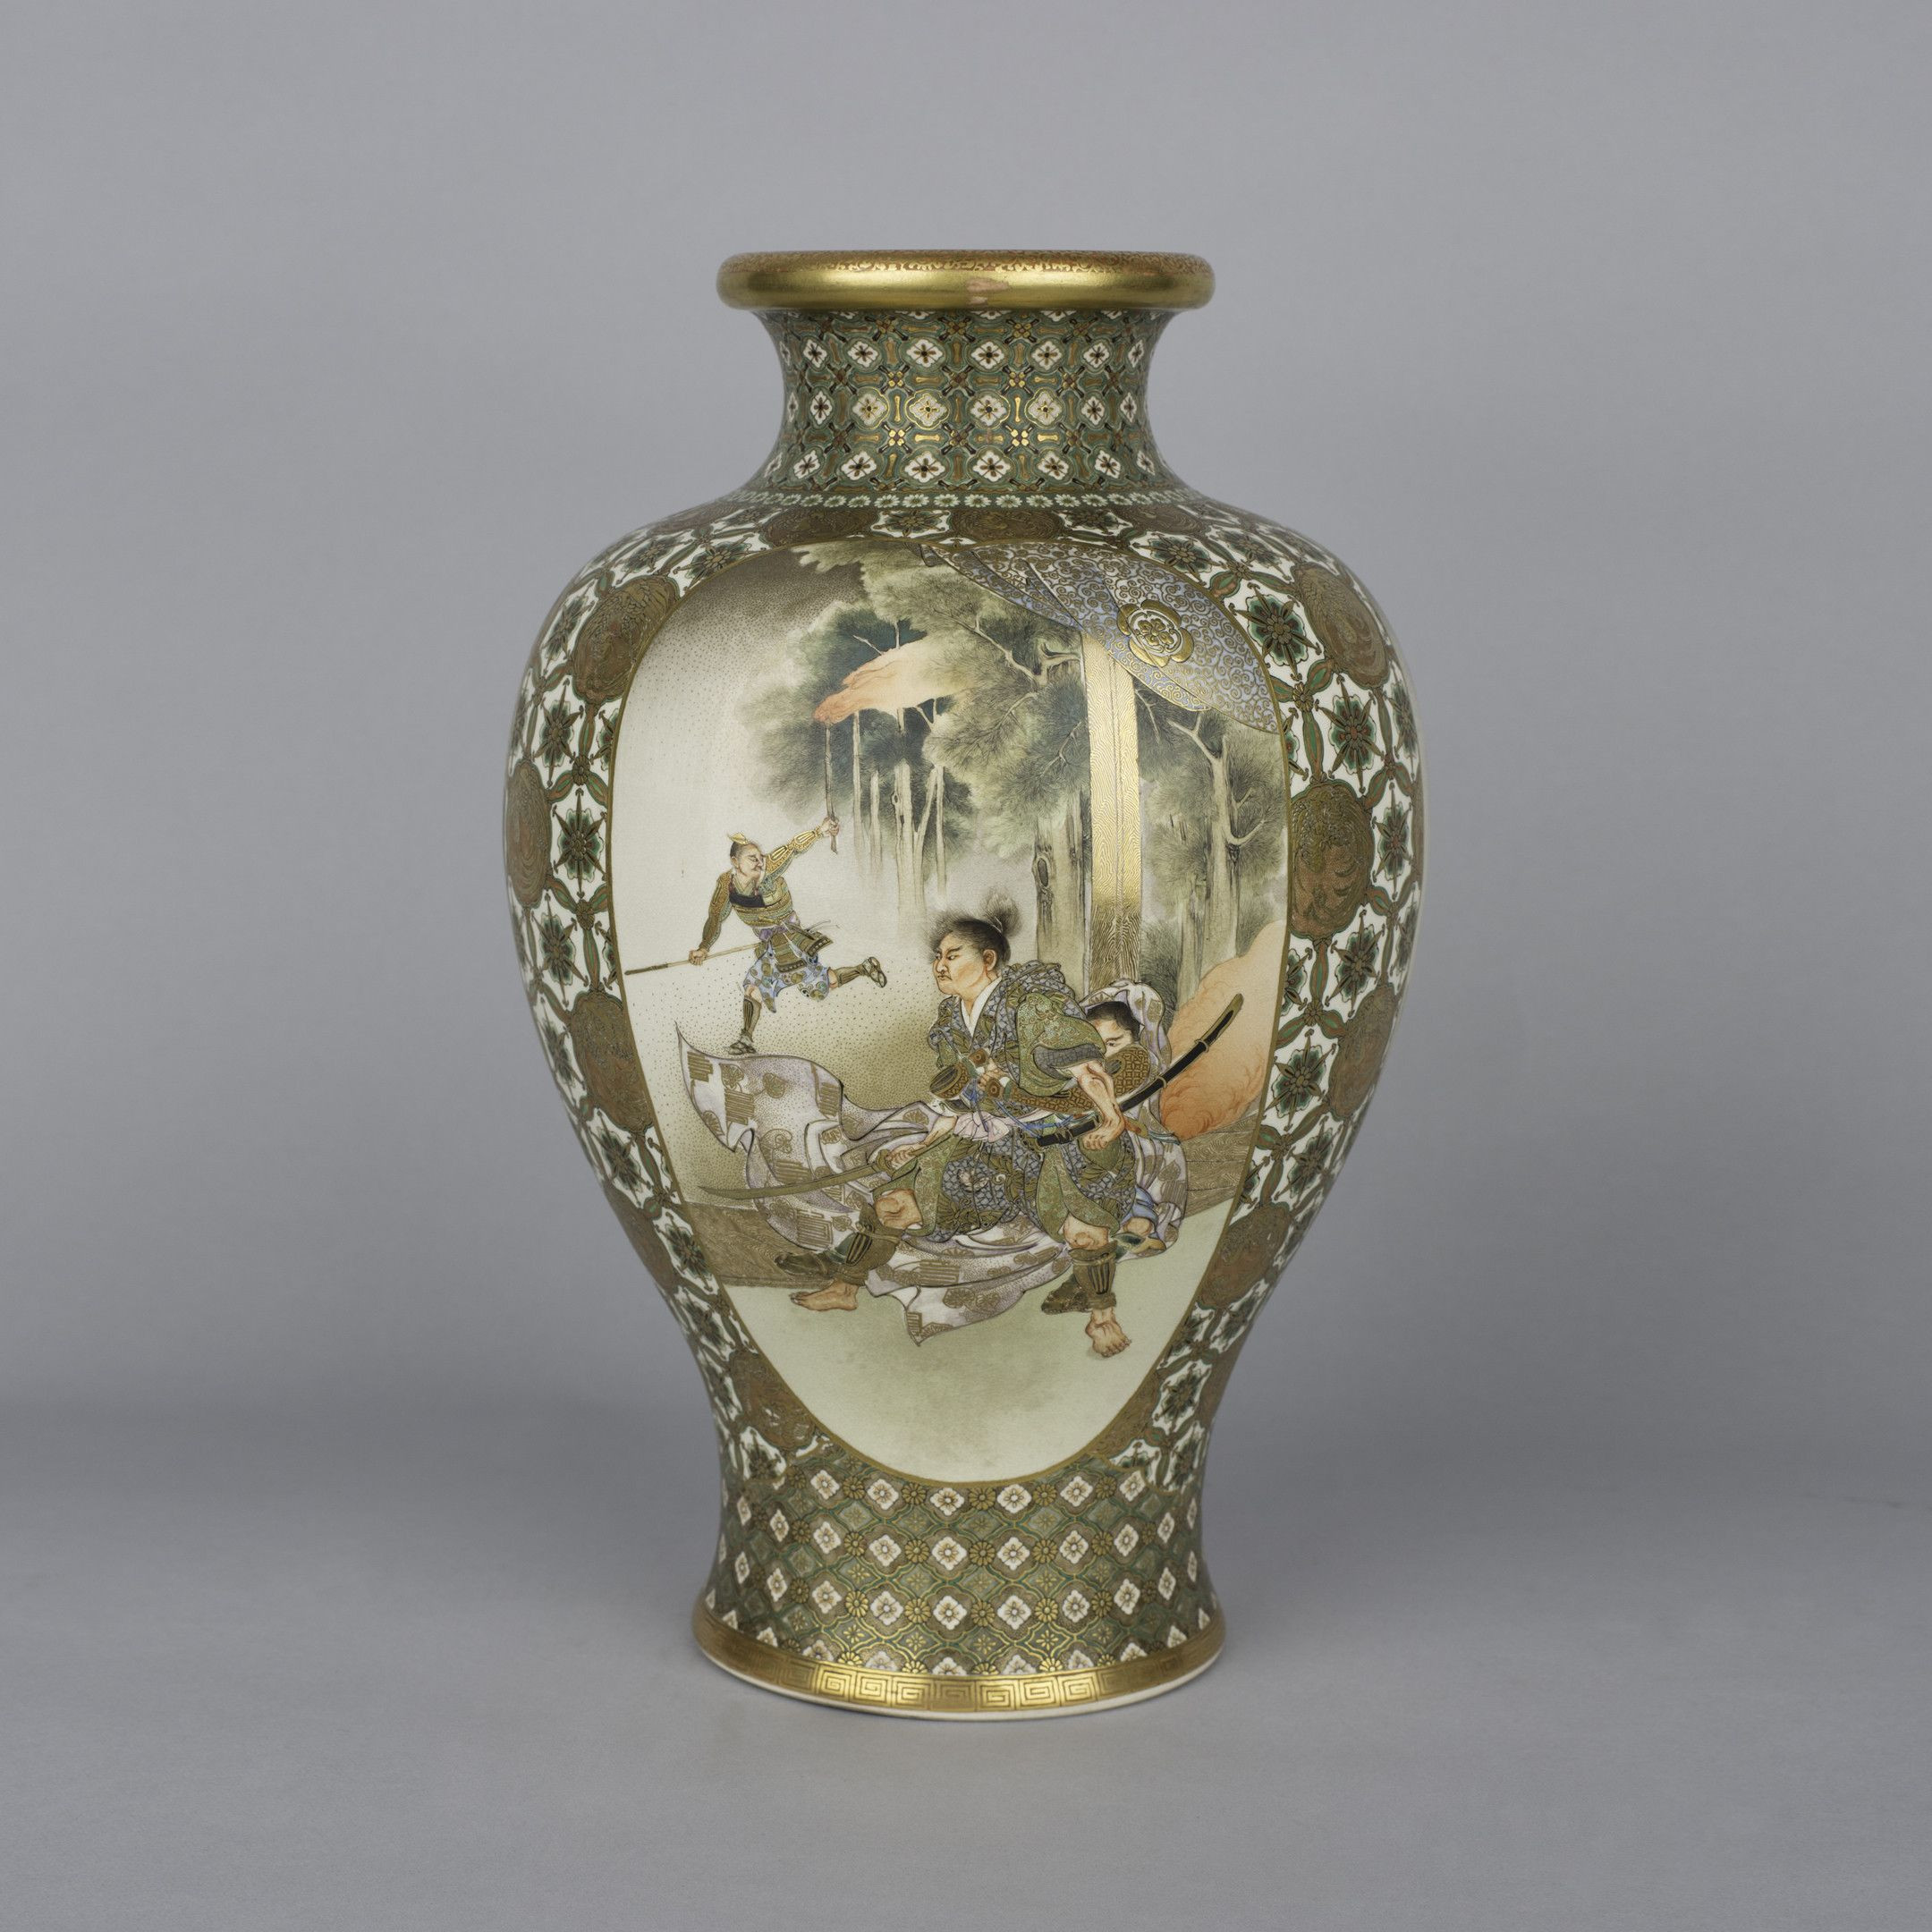 satsuma moriage vase of satsuma vase meiji period 1868 1912 signed kinkozan meiji inside satsuma vase meiji period 1868 1912 signed kinkozan